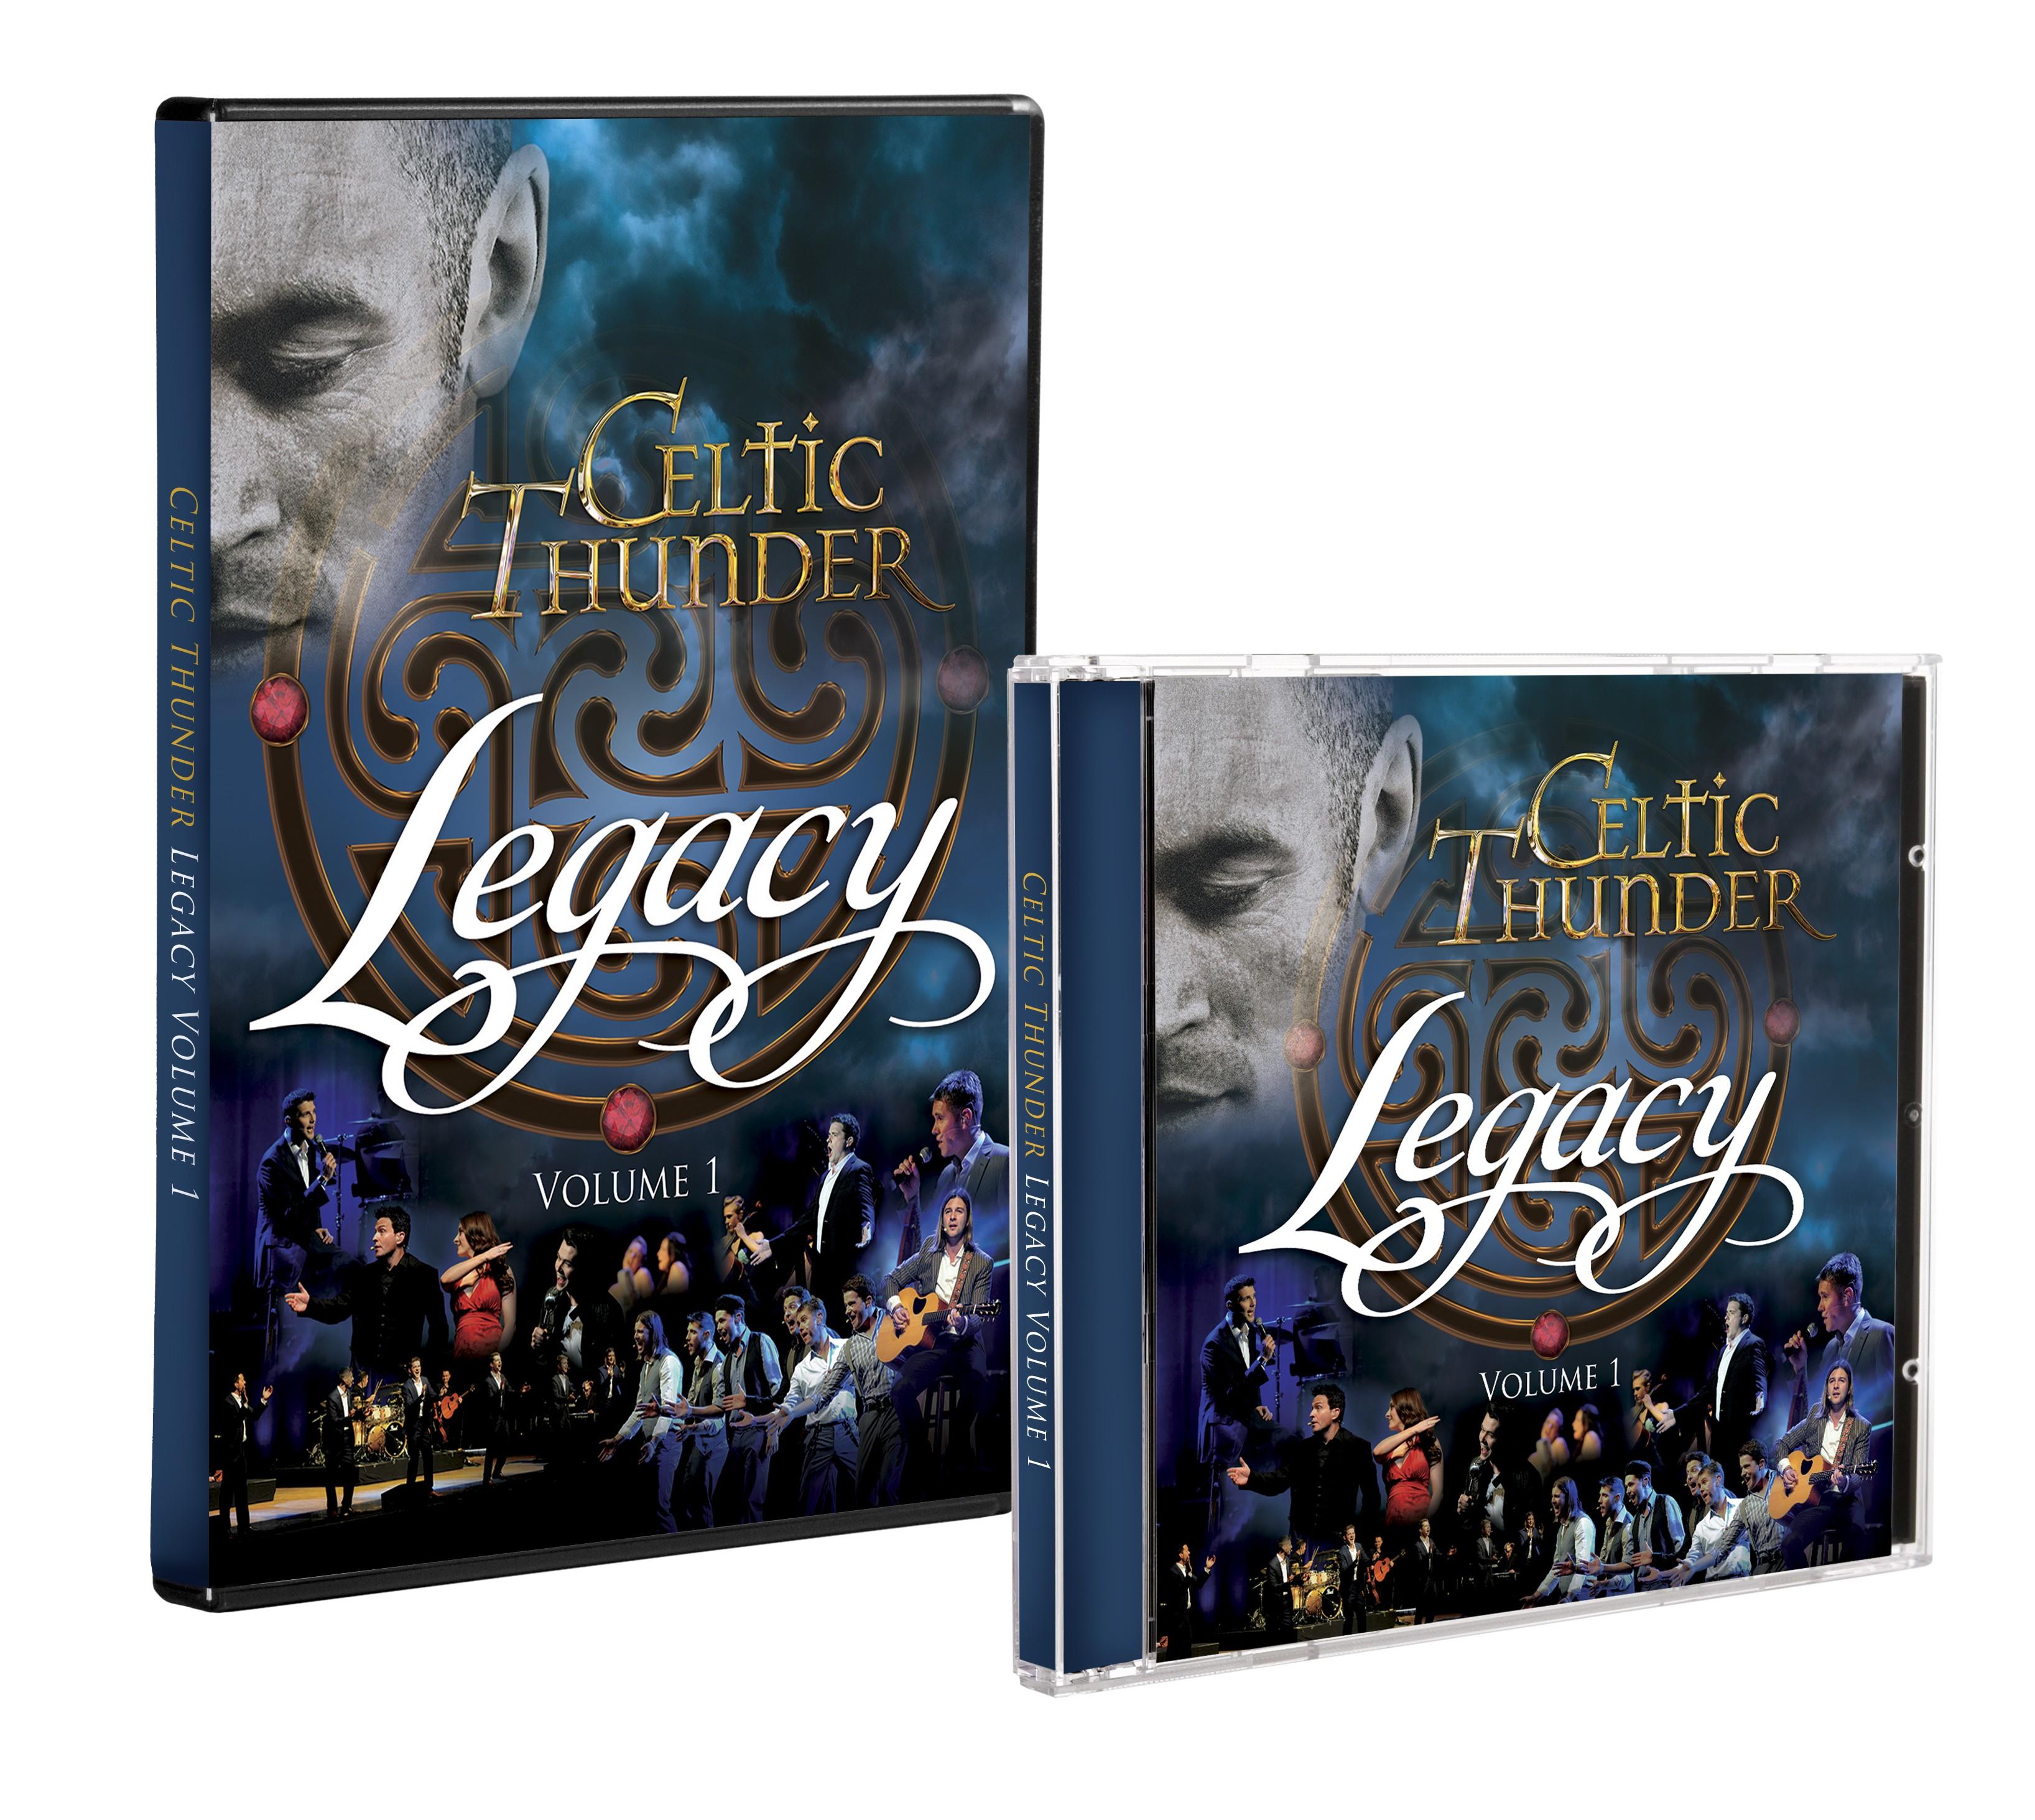 LEGACY VOLUME 1 CD & DVD VALUE BUNDLE